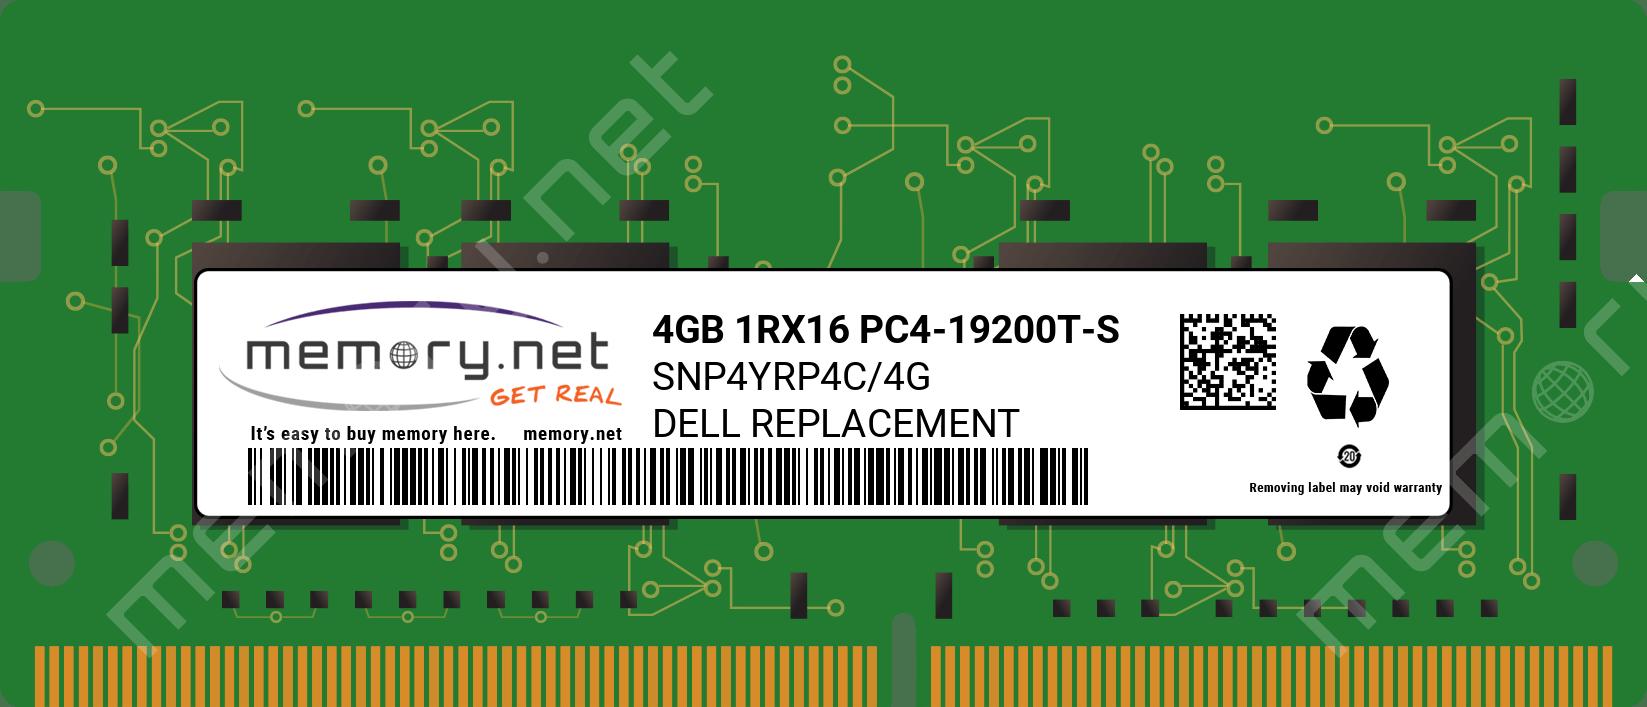 SNP4YRP4C/4G